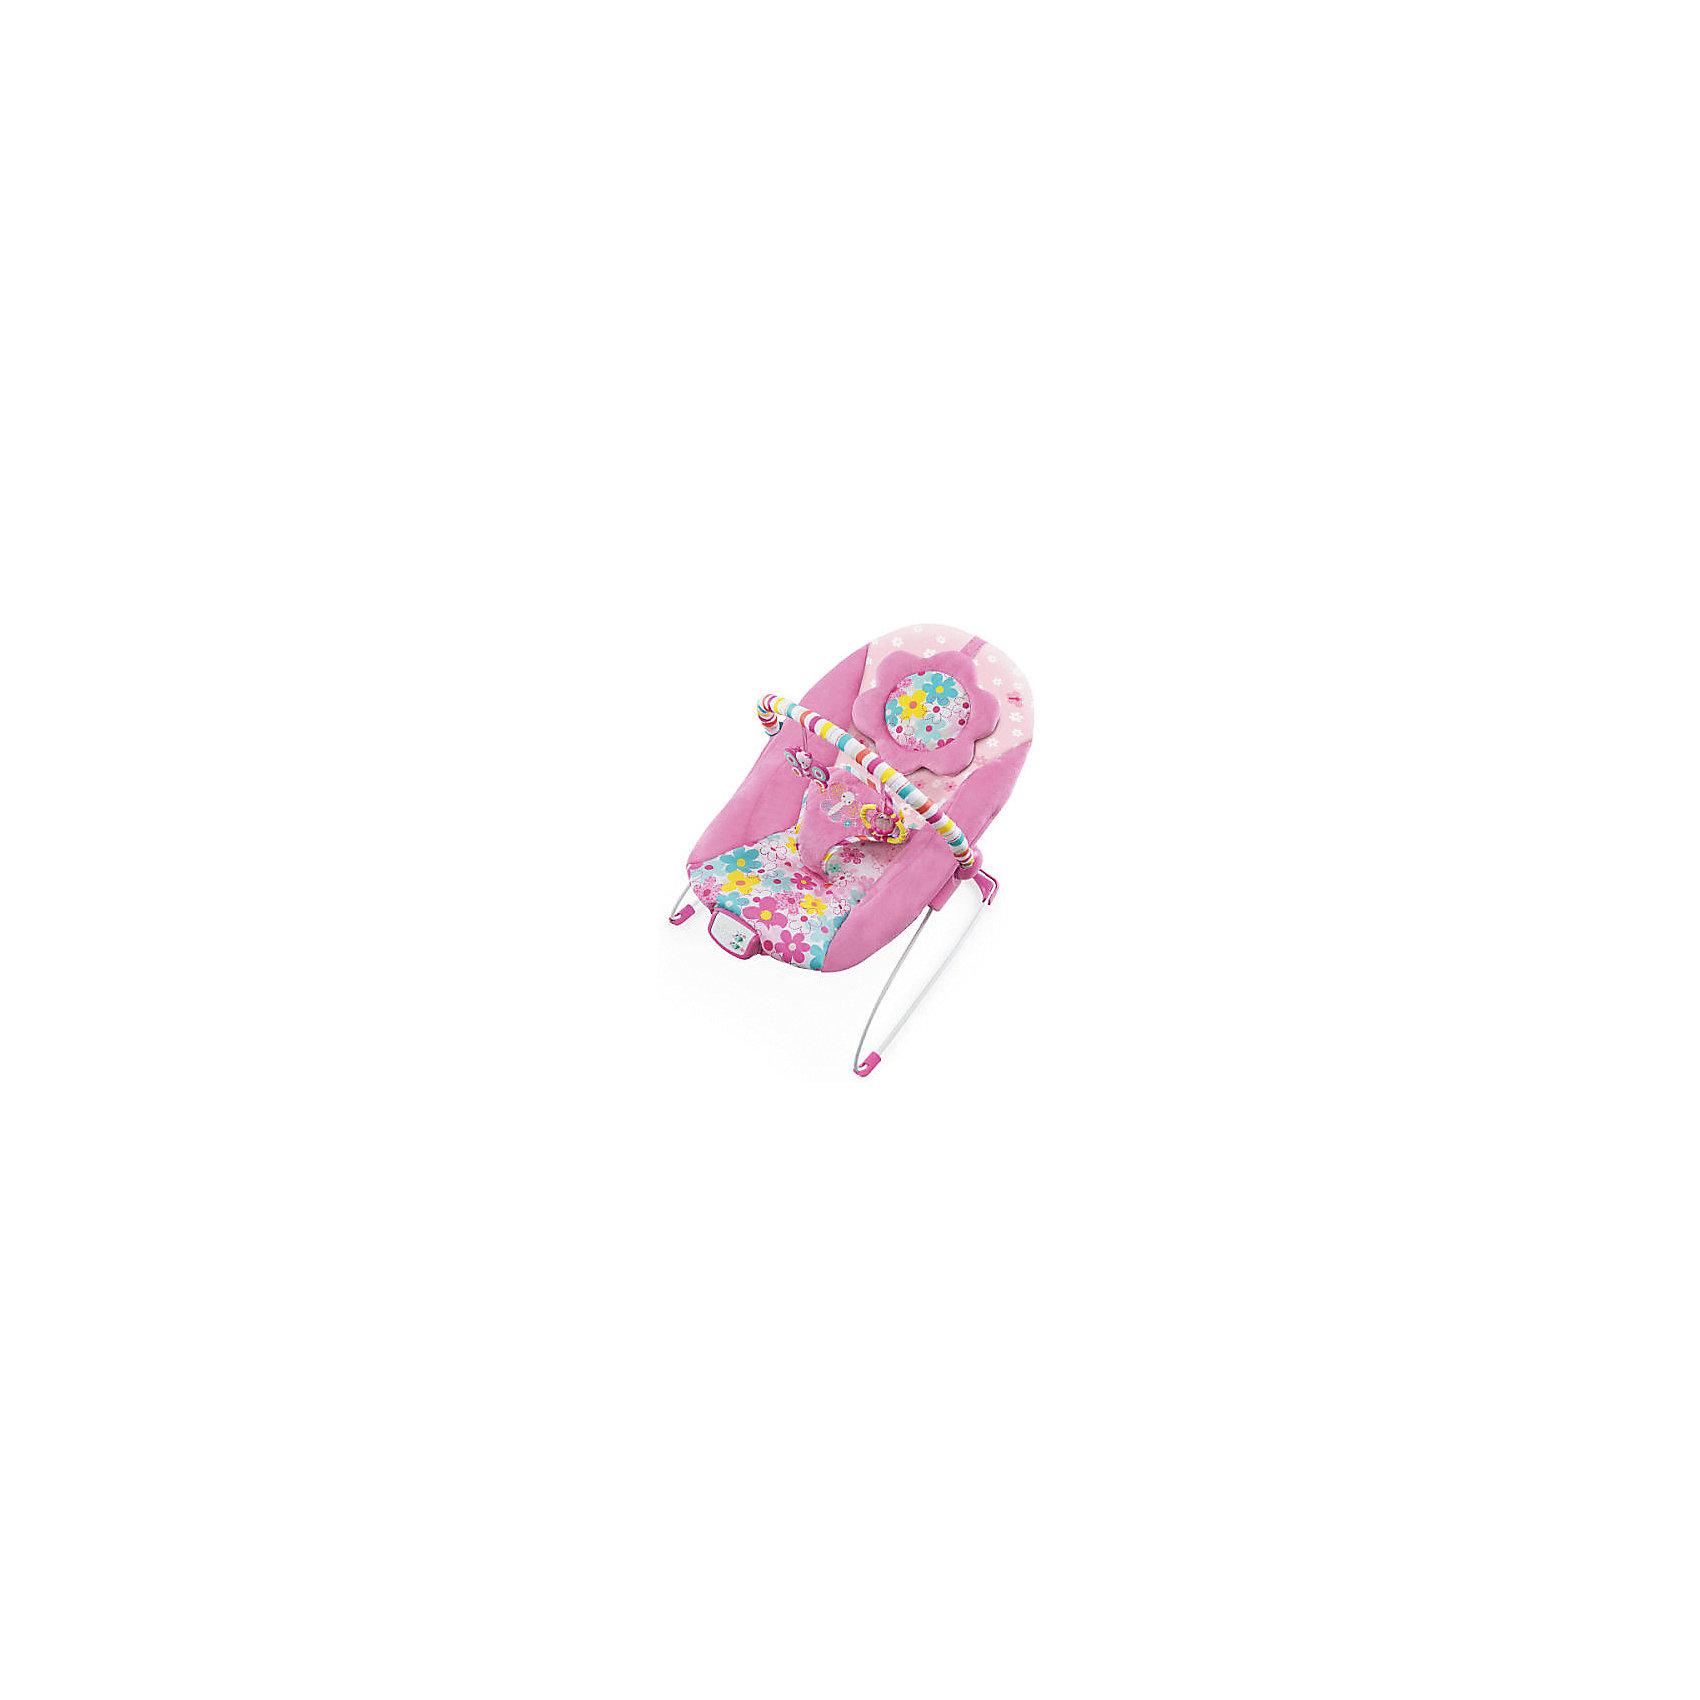 Кресло-качалка «Цветочная поляна», Bright StartsКресла-качалки<br>Маленькой принцессе понравятся мягкие ткани, комфортное укачивание и забавные игрушки!<br>Удобное сиденье колыбельного типа с мягкой подушкой для ног и съемным подголовником<br>7 мелодий, успокаивающая вибрация и автоматическое отключение через 15 минут<br>Перекладина с игрушками легко убирается для быстрого доступа к ребенку<br>2 яркие игрушки: бабочка и кольцо с гремящим цилиндром<br><br>Ширина мм: 560<br>Глубина мм: 130<br>Высота мм: 130<br>Вес г: 2200<br>Возраст от месяцев: 0<br>Возраст до месяцев: 6<br>Пол: Унисекс<br>Возраст: Детский<br>SKU: 5596838